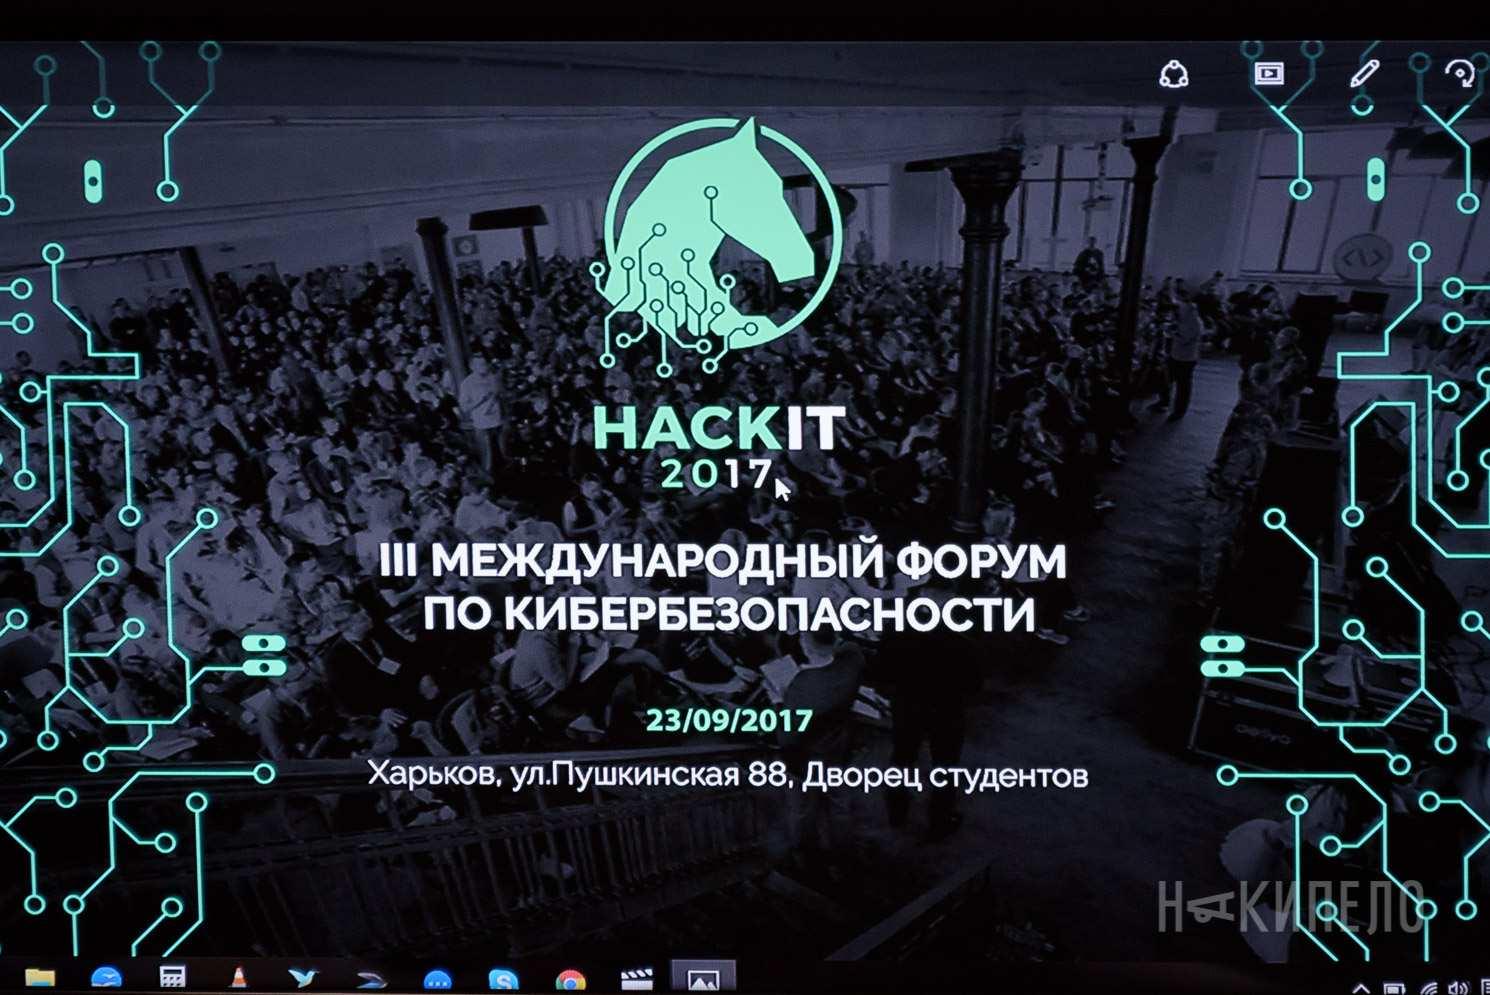 HackIT